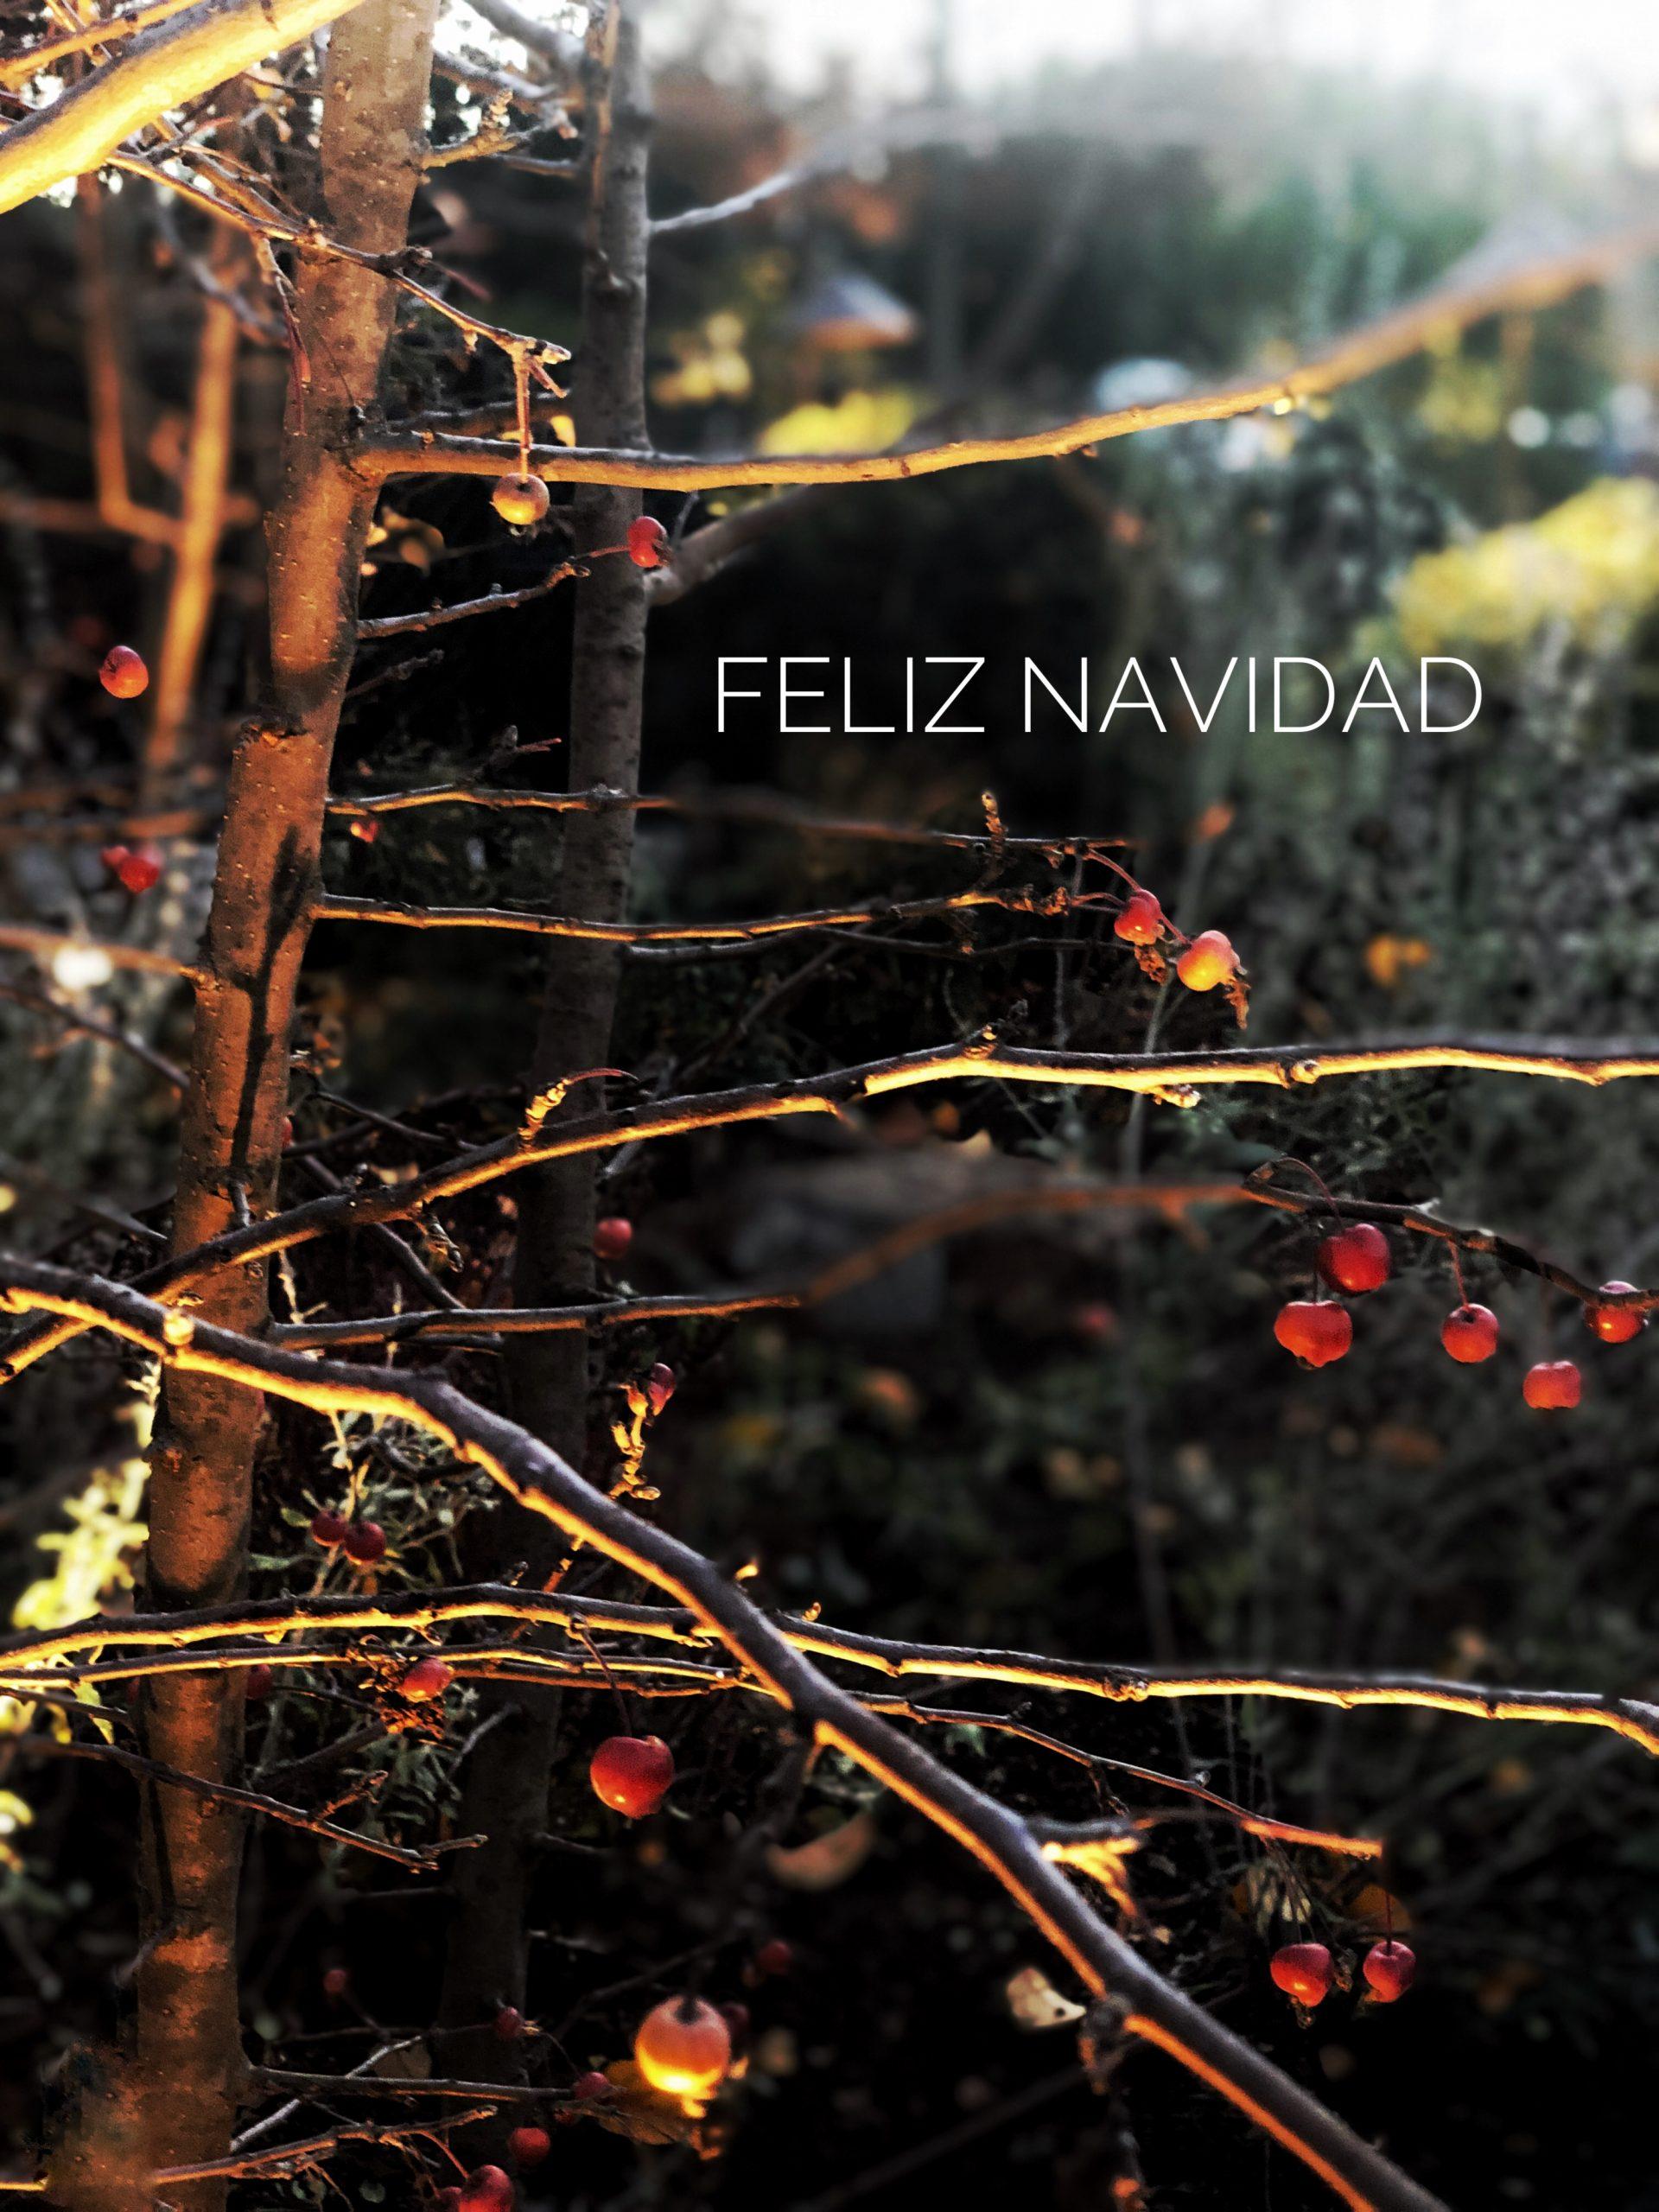 Navidad, Christmas